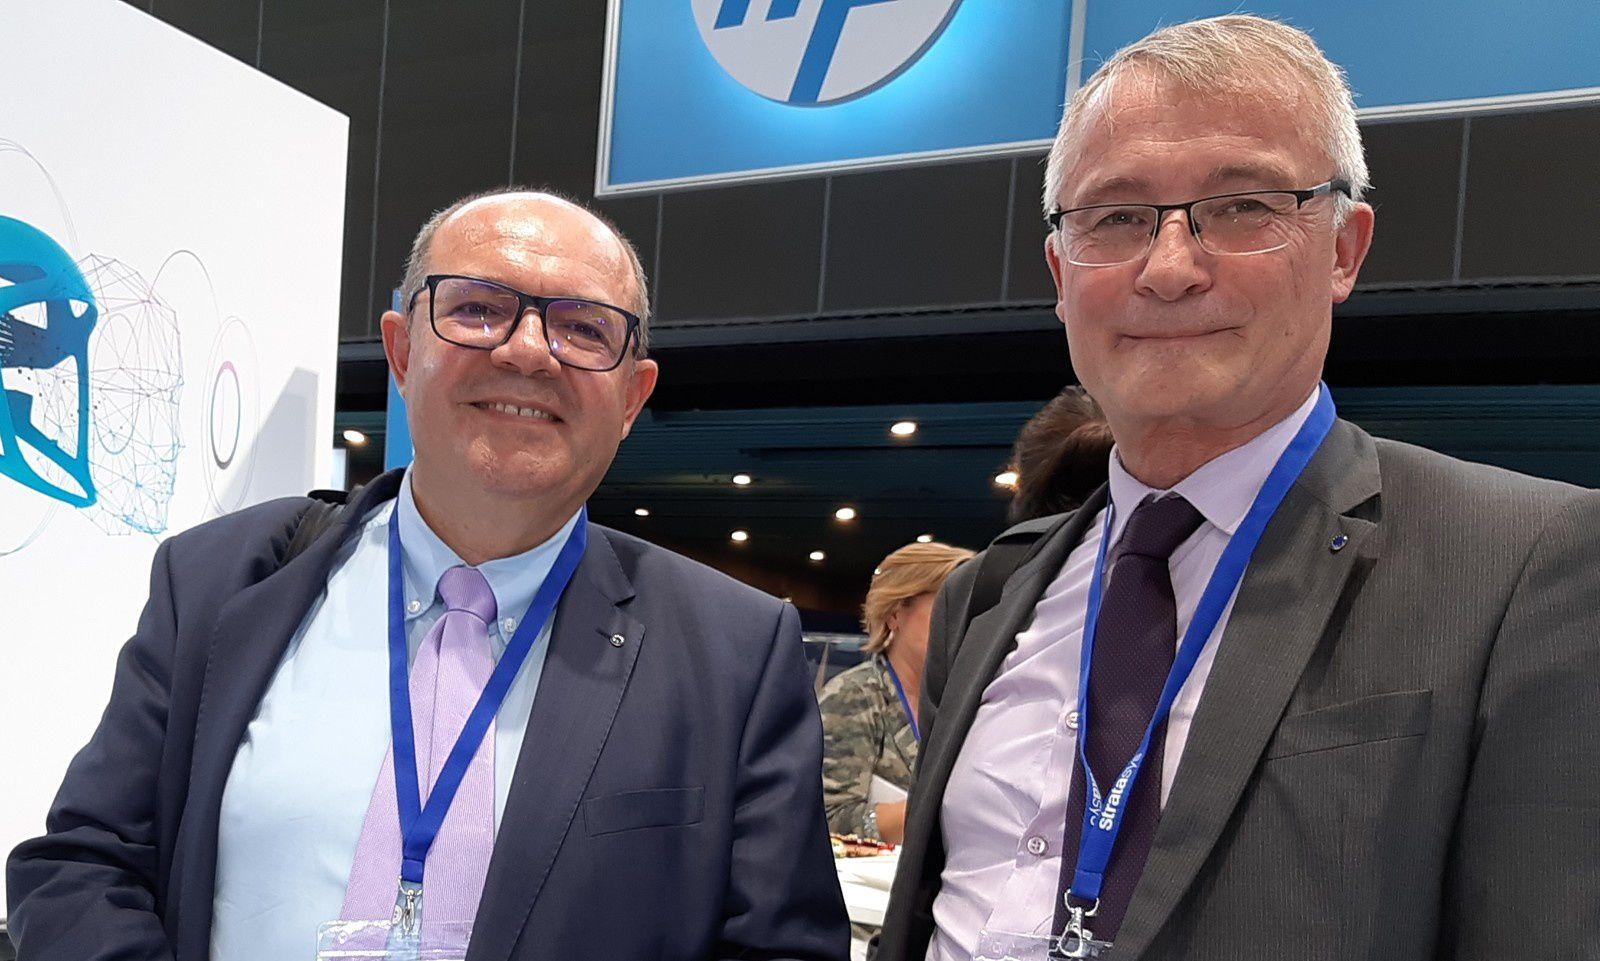 de g à d : Philippe VANNEROT, membre du Comité scientifique de l'I.R.C.E. et François CHARLES, Président